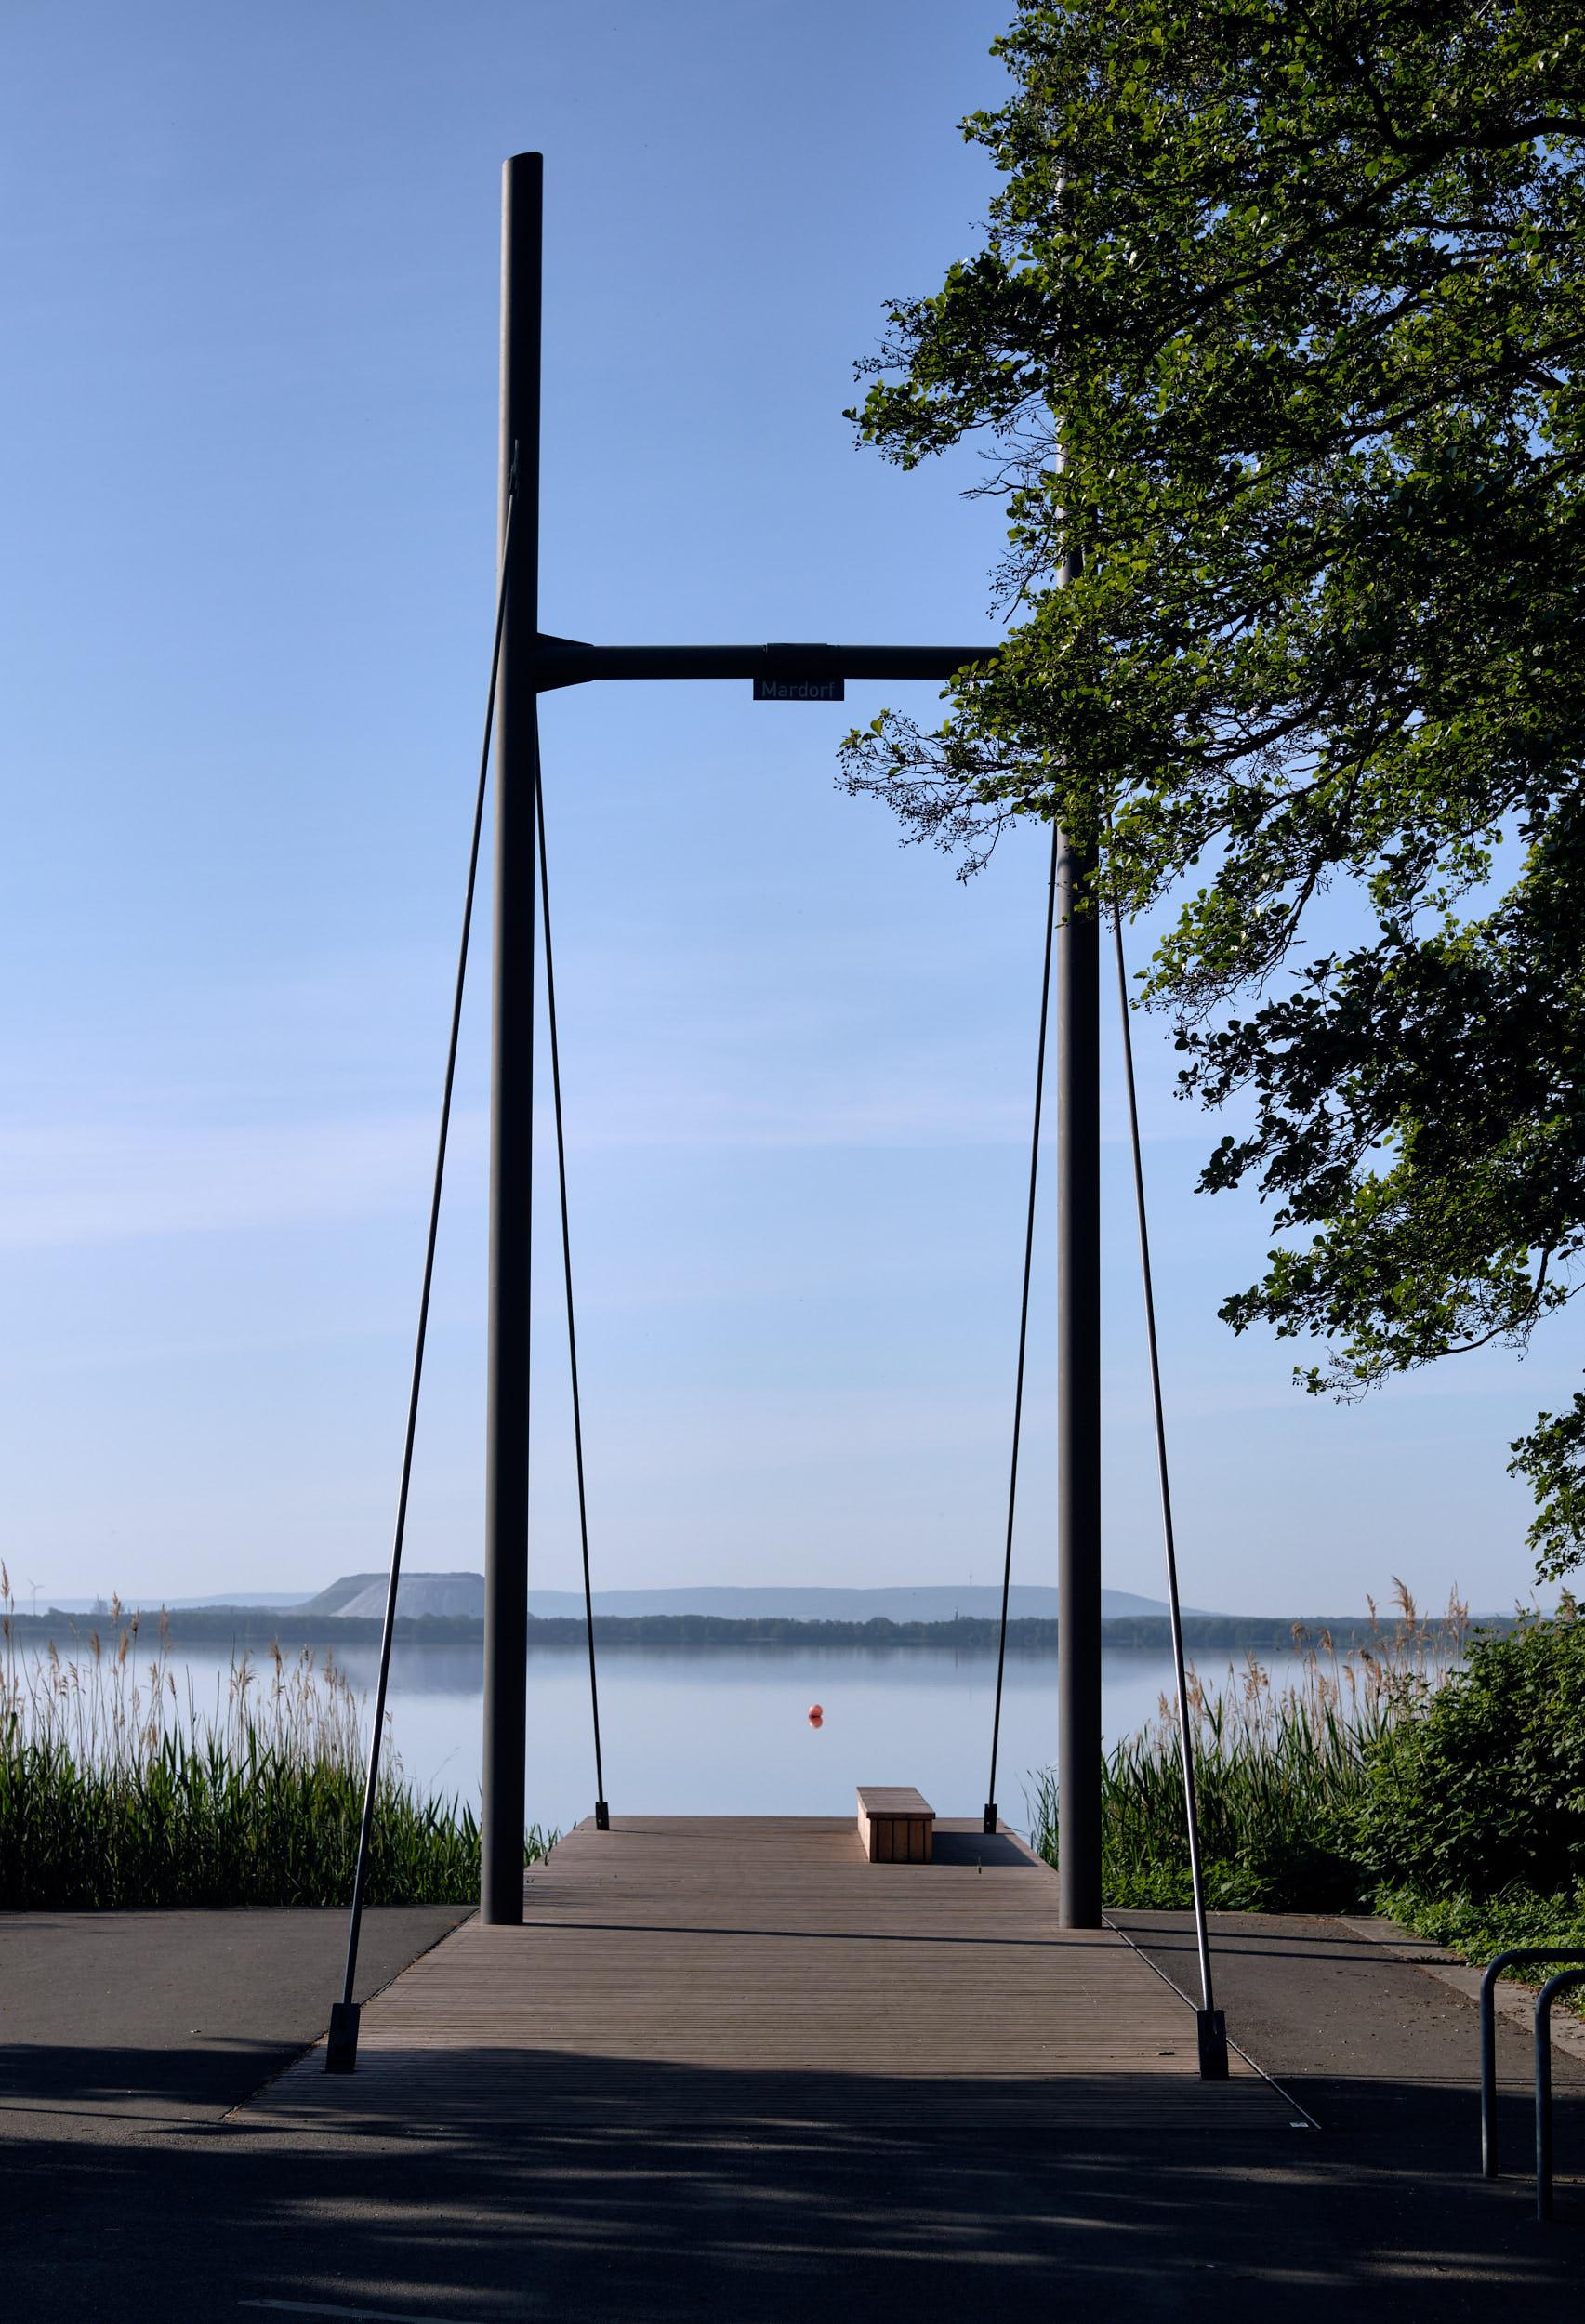 Aussichtspunkt Mardorf, Steinhuder Meer